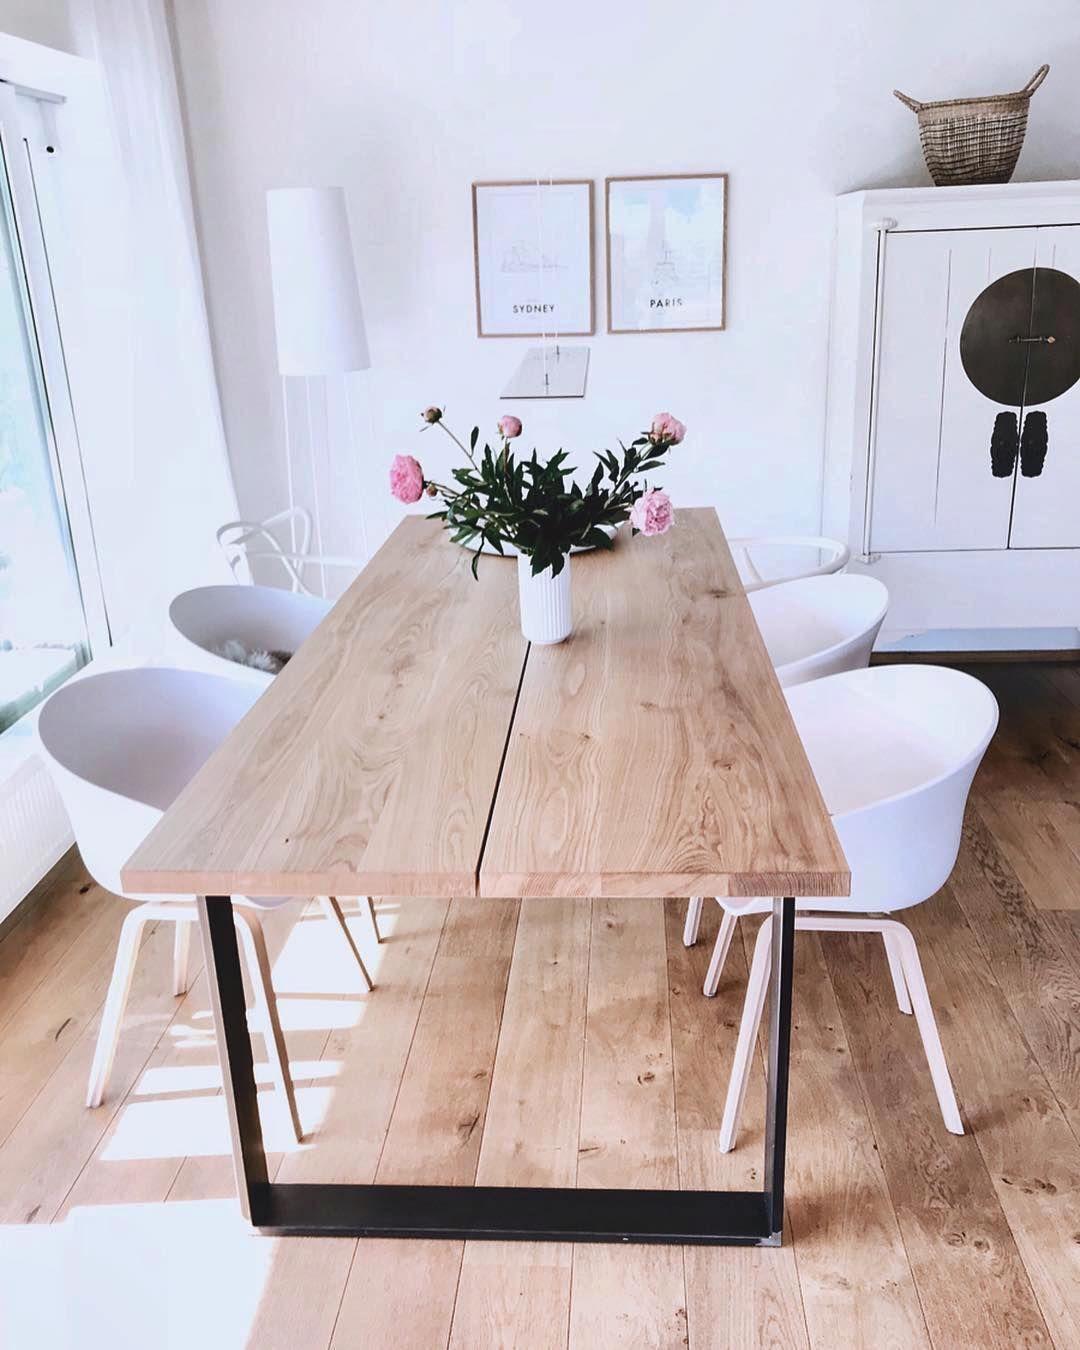 Heute Gibt Es Eine Tolle Eichen Diele Aus Dem Hause Wollehochdrei Tolles Ambiente Und Ein Wunderschoner Tis Esszimmertisch Wohn Esszimmer Esstisch Stuhle